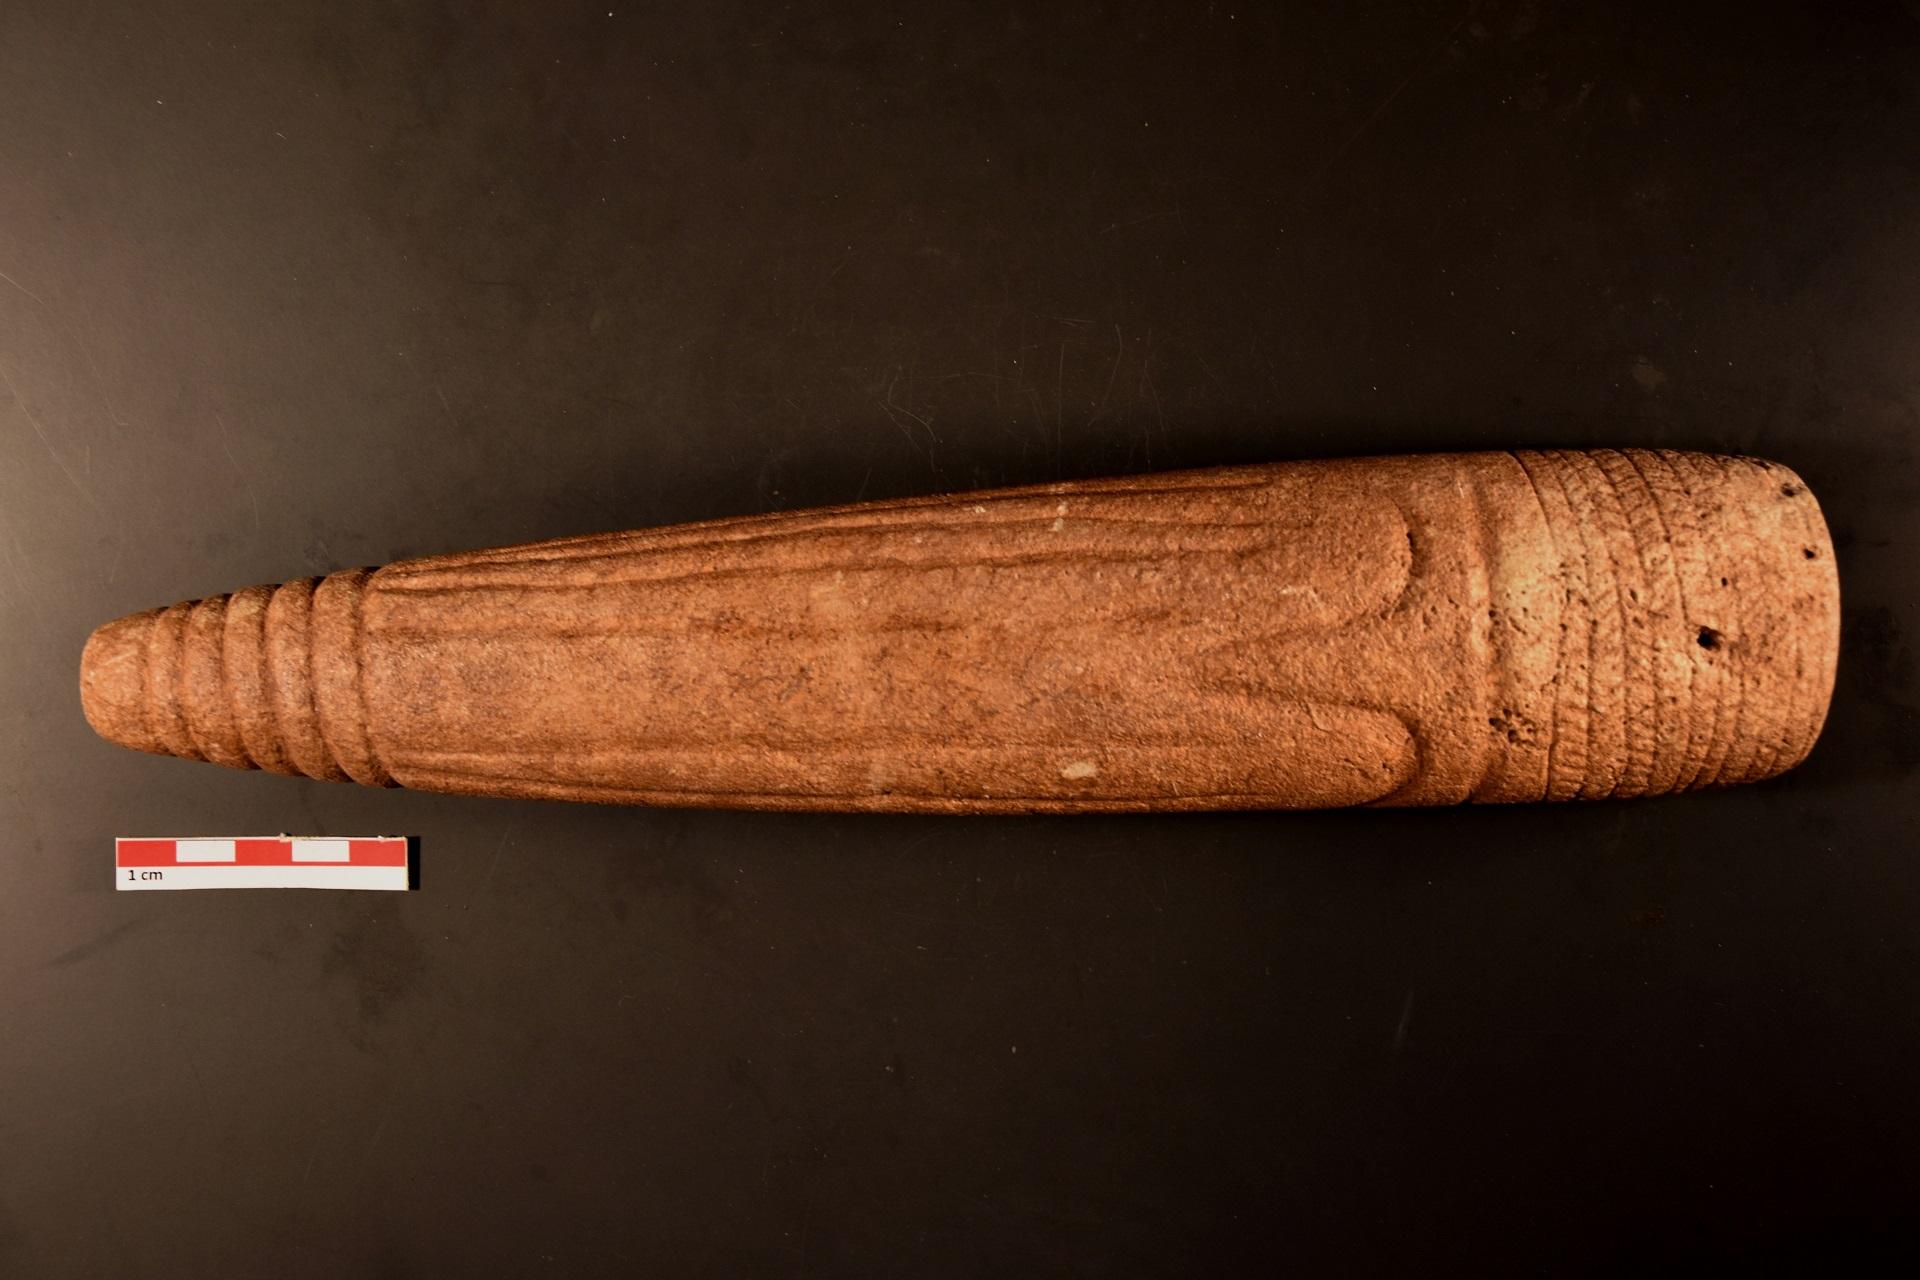 Ídolo semi-cilíndrico decorado, calcário, Casaínhos, Loures